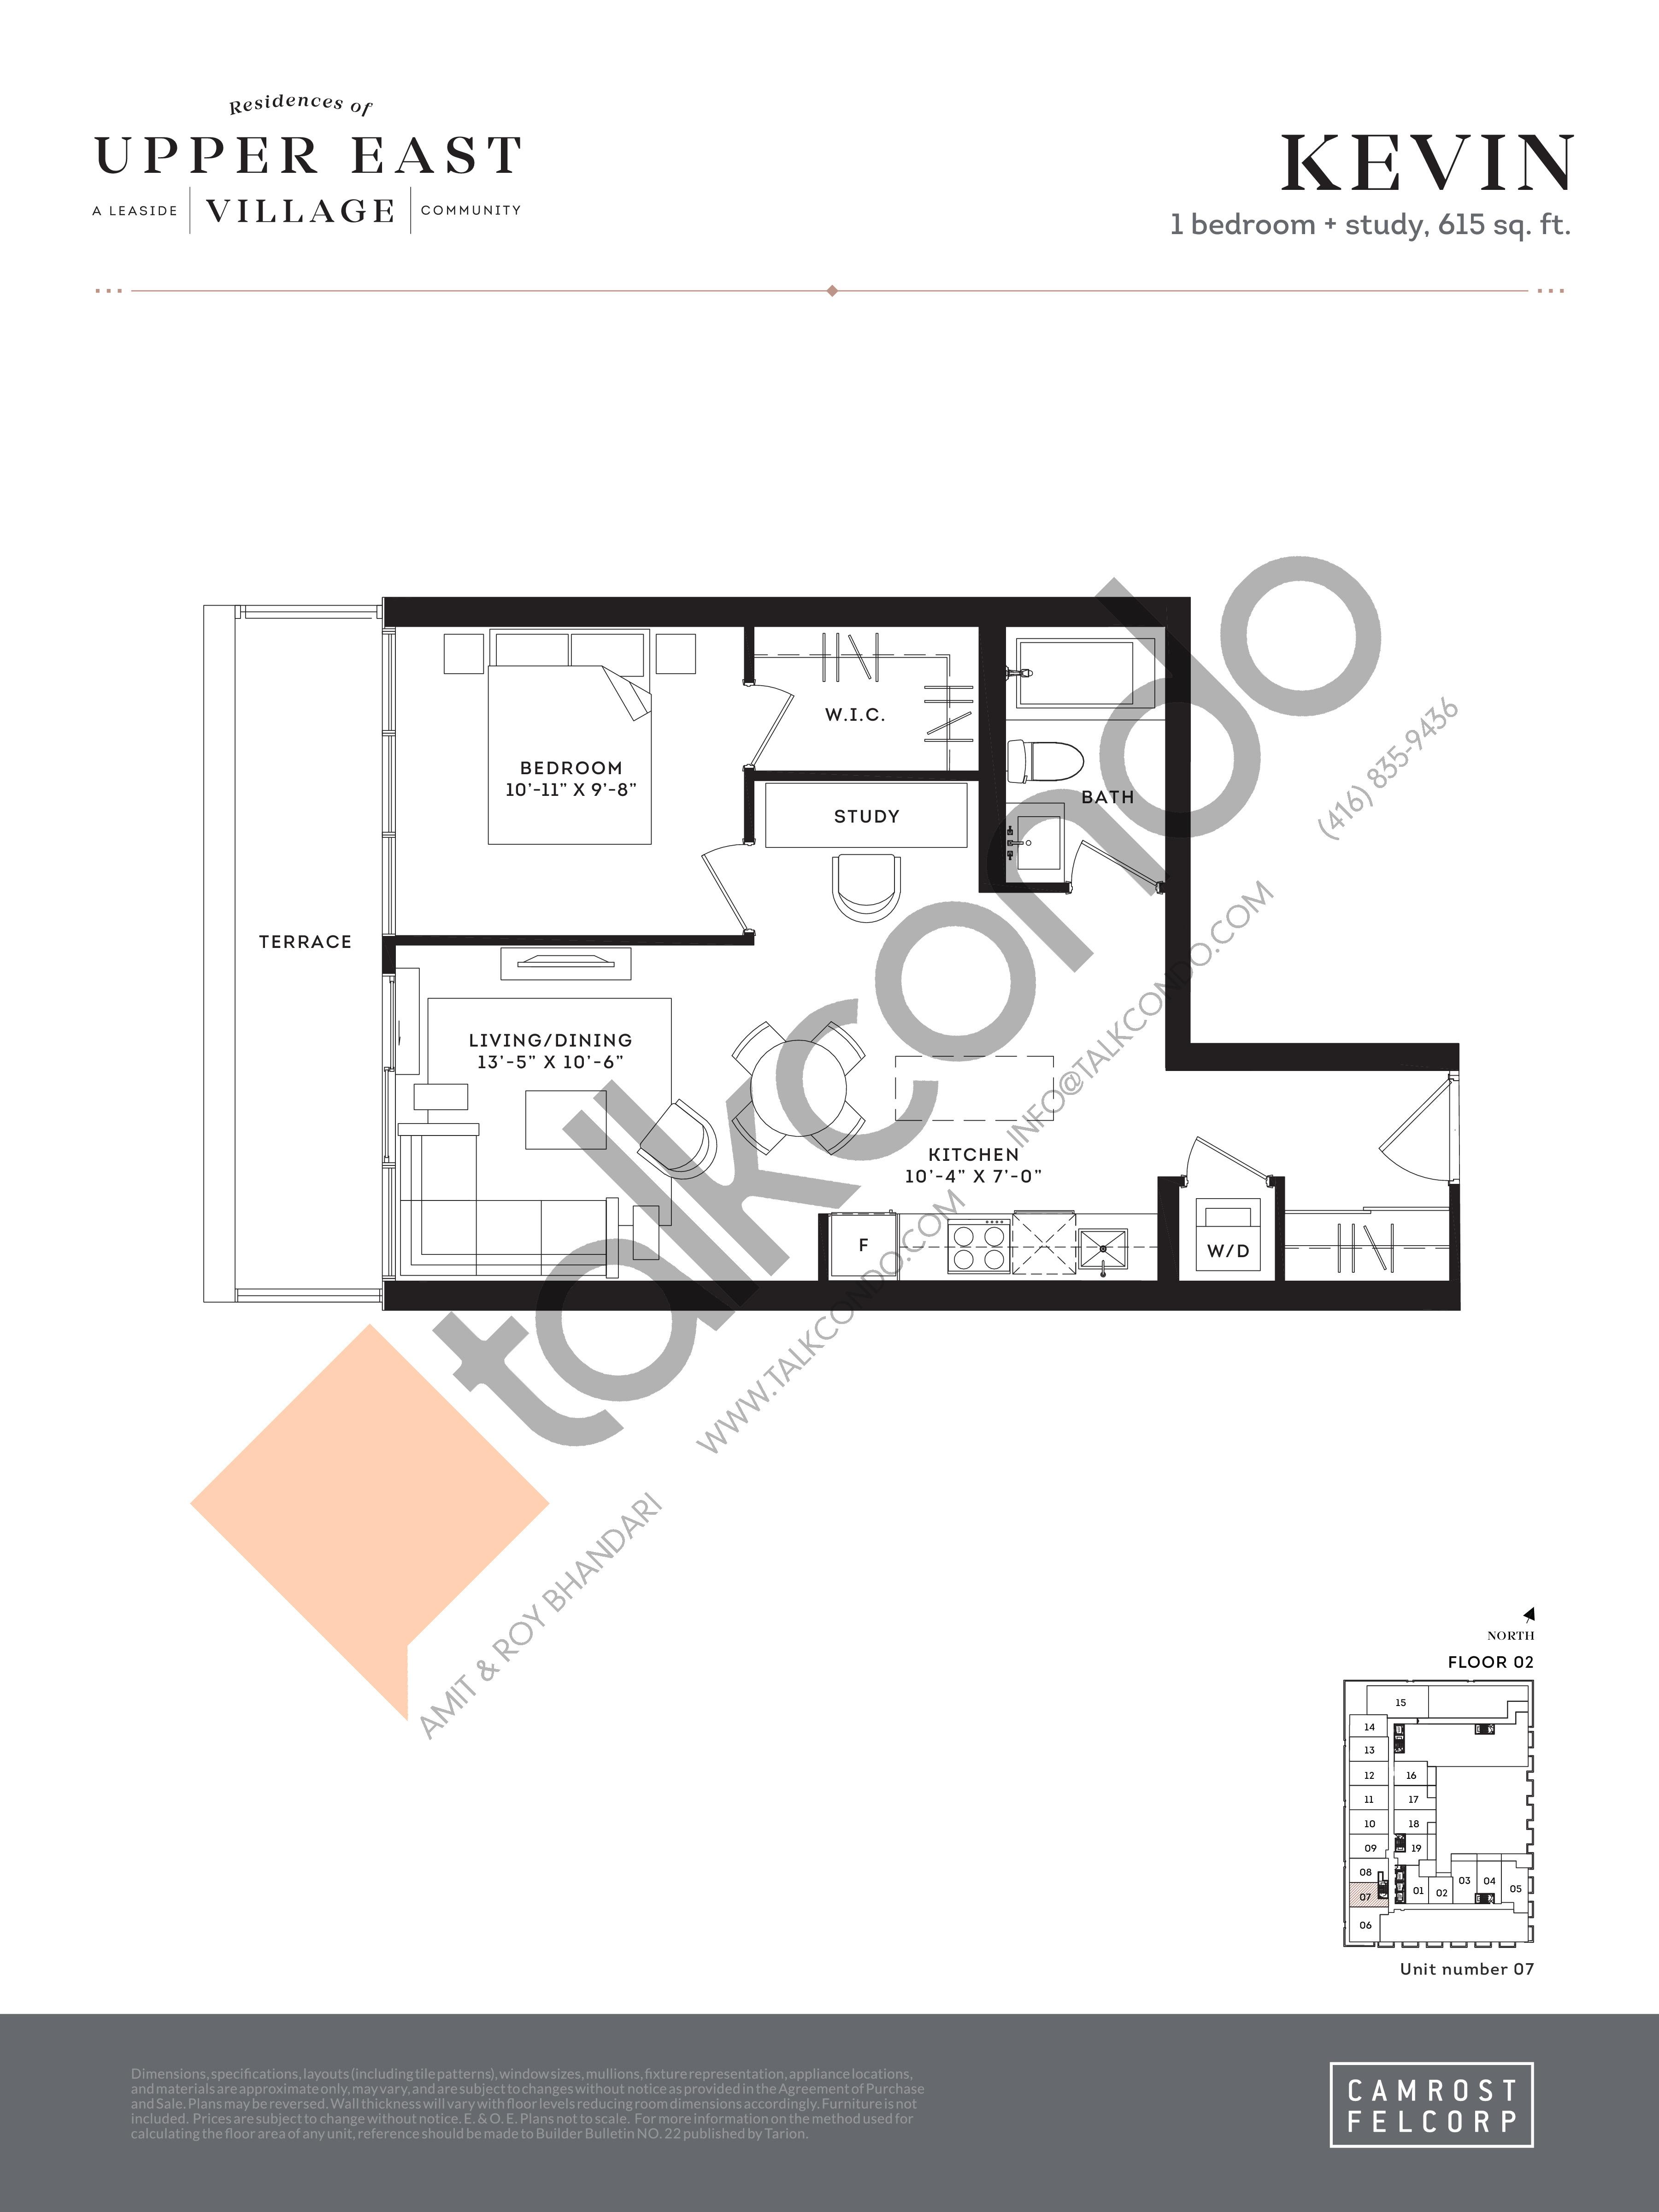 Kevin Floor Plan at Upper East Village Condos - 615 sq.ft